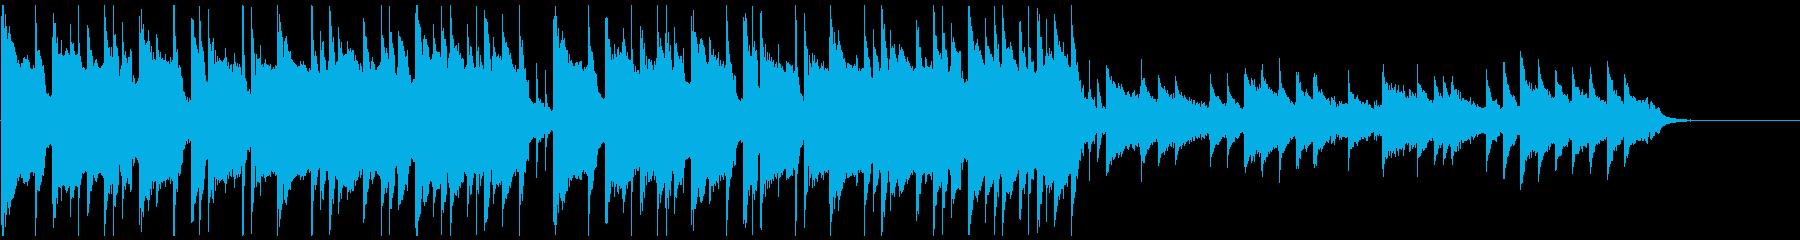 ピアノメインの和風ダークトラップビートの再生済みの波形